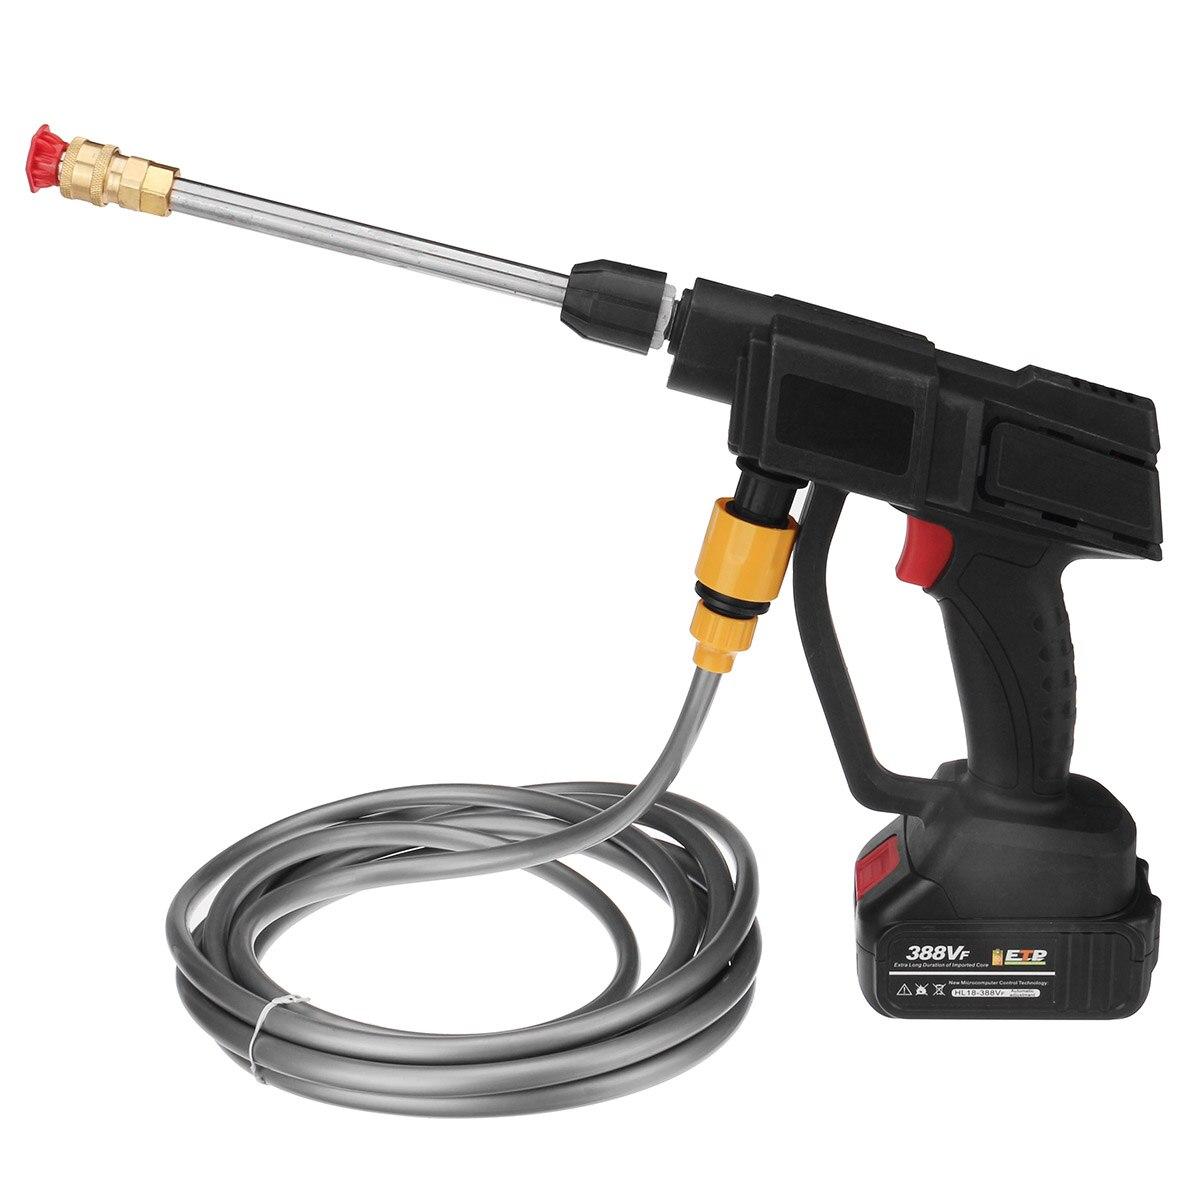 600W Cordless Portable High Pressure 24V Car Wash Gun